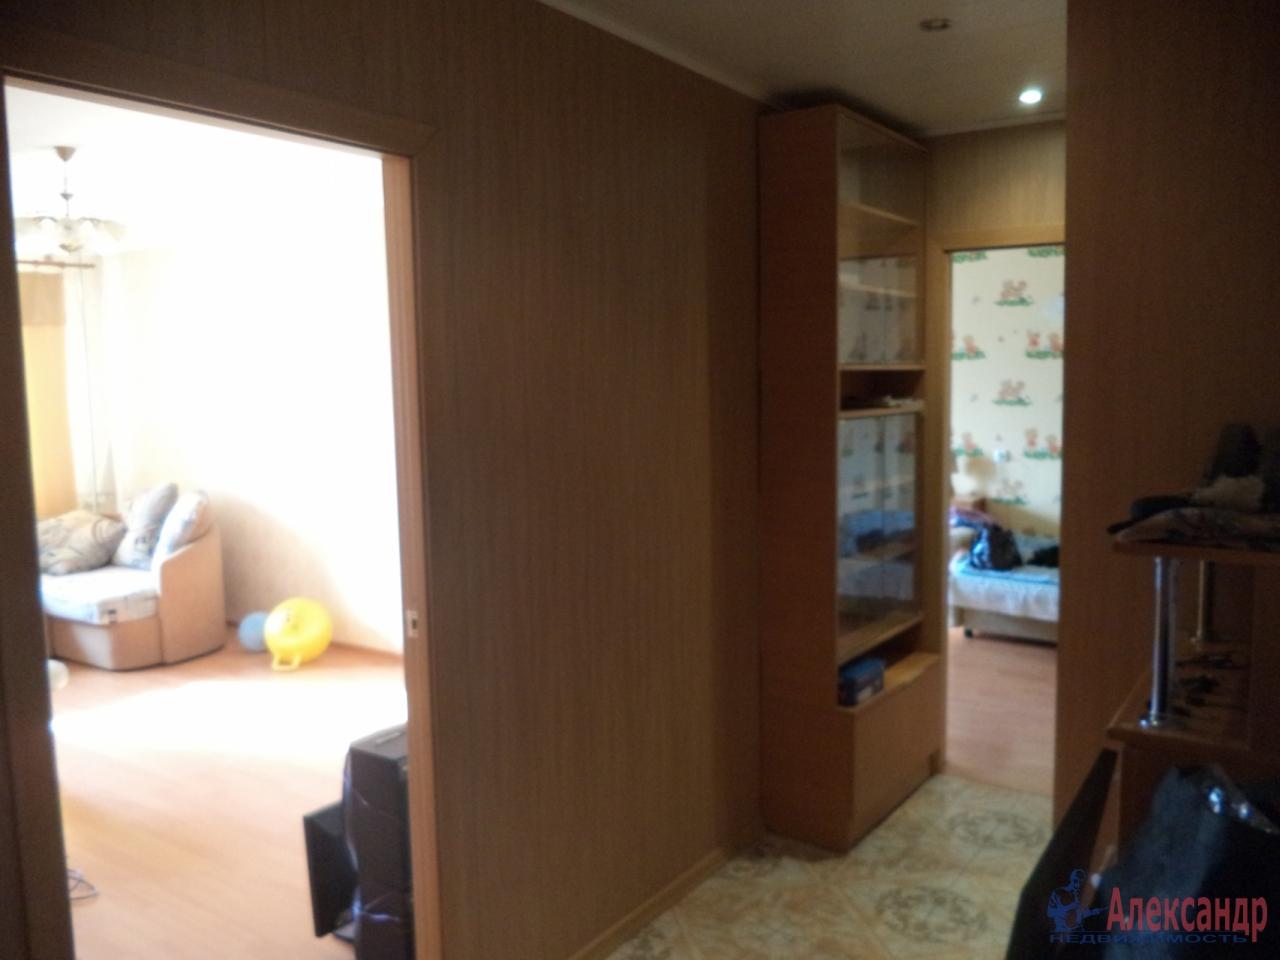 1-комнатная квартира (35м2) в аренду по адресу Академика Константинова ул., 10— фото 4 из 5